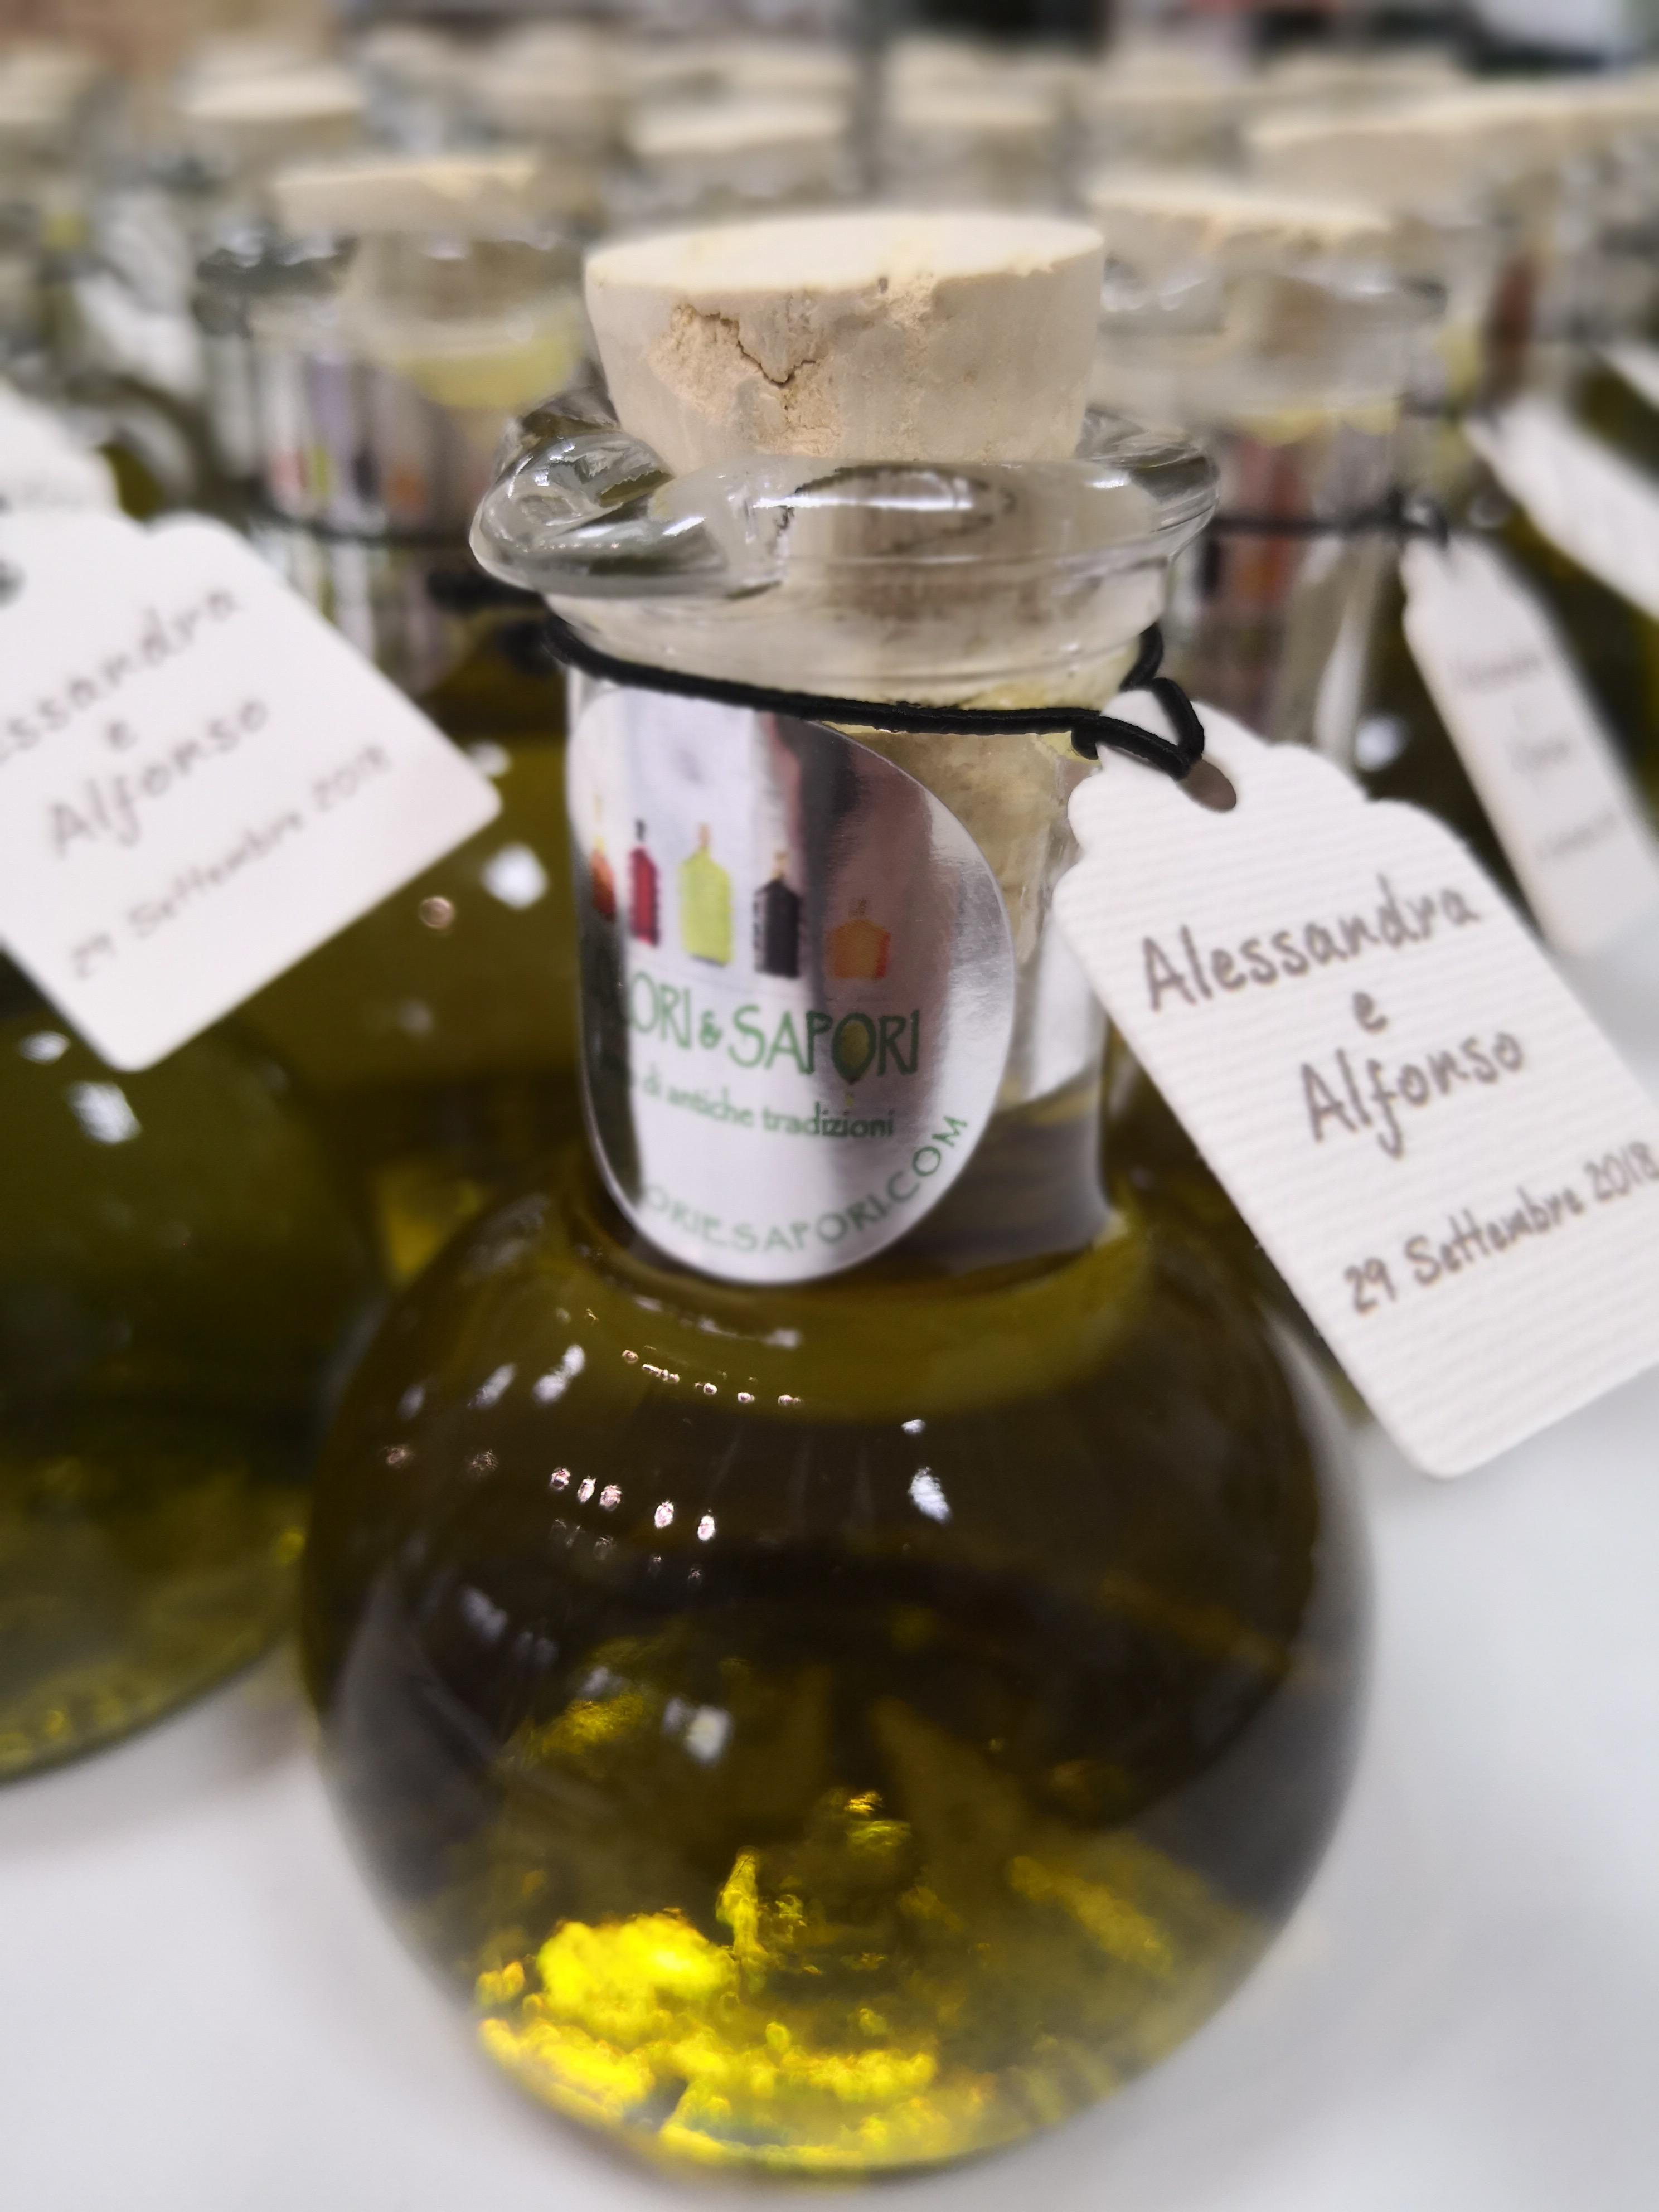 Bottiglietta Balsamico di lampone